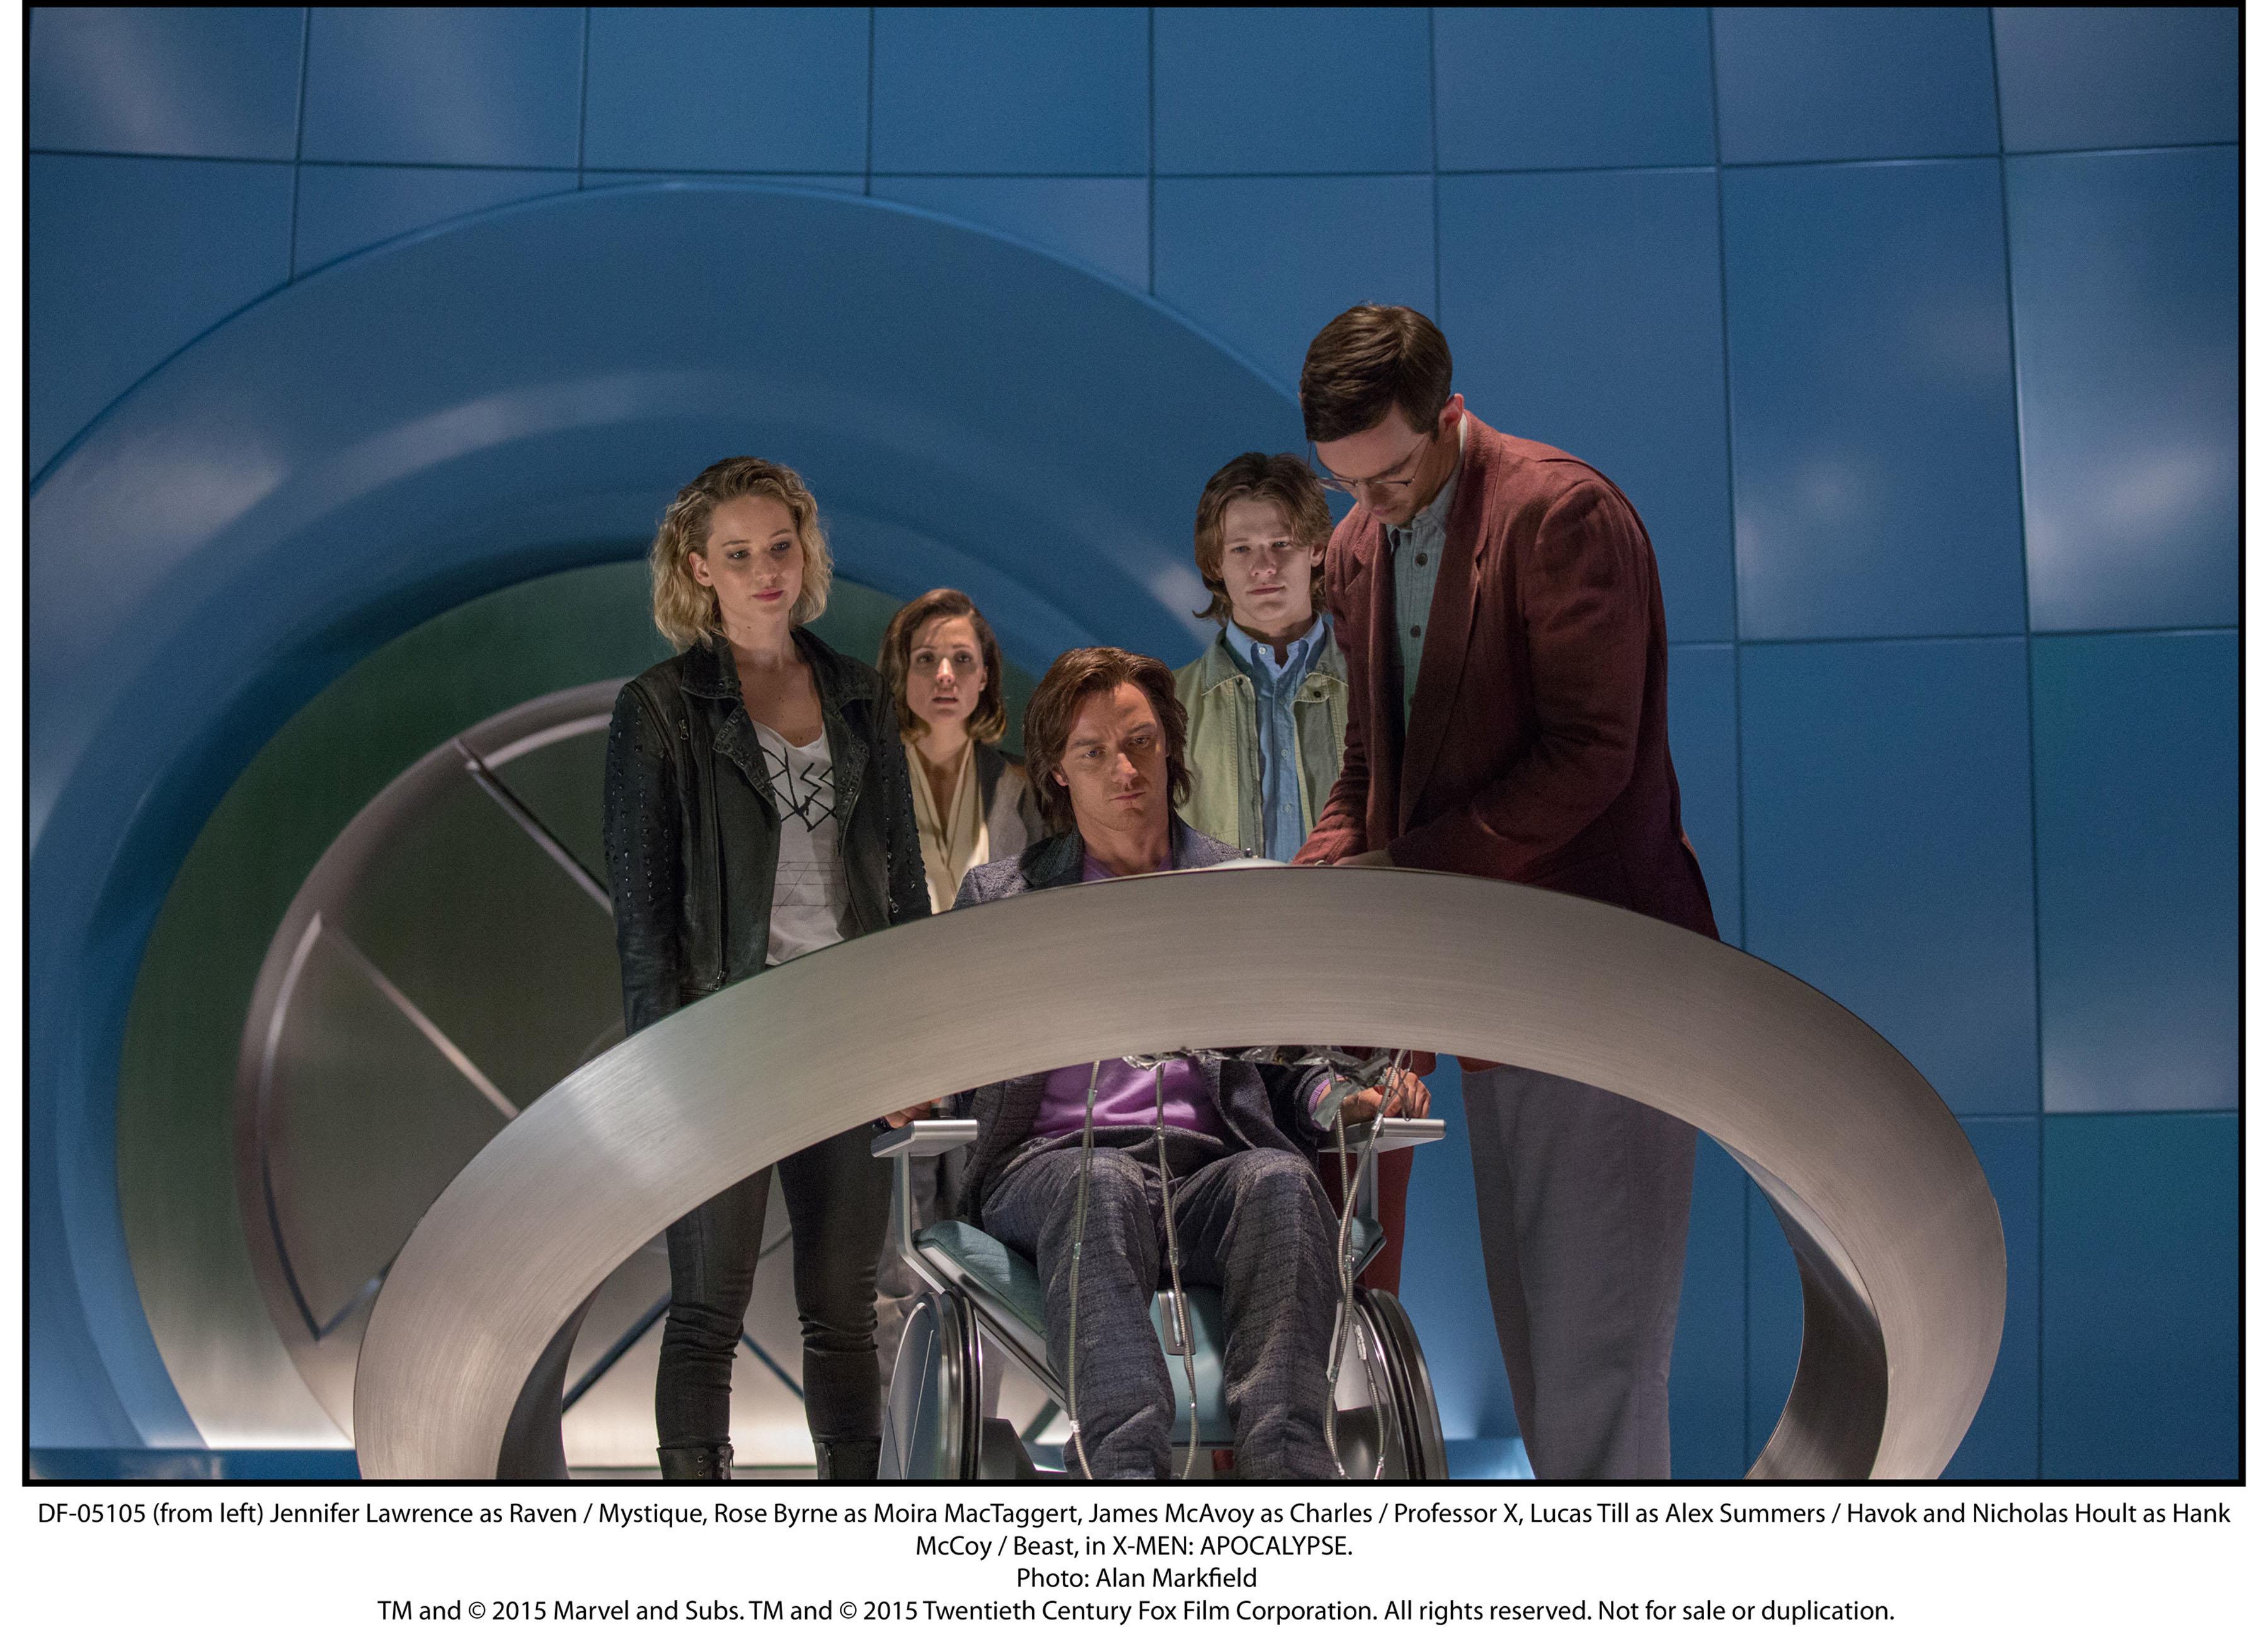 1st Look: 'X-Men: Apocalypse' Trailer #1